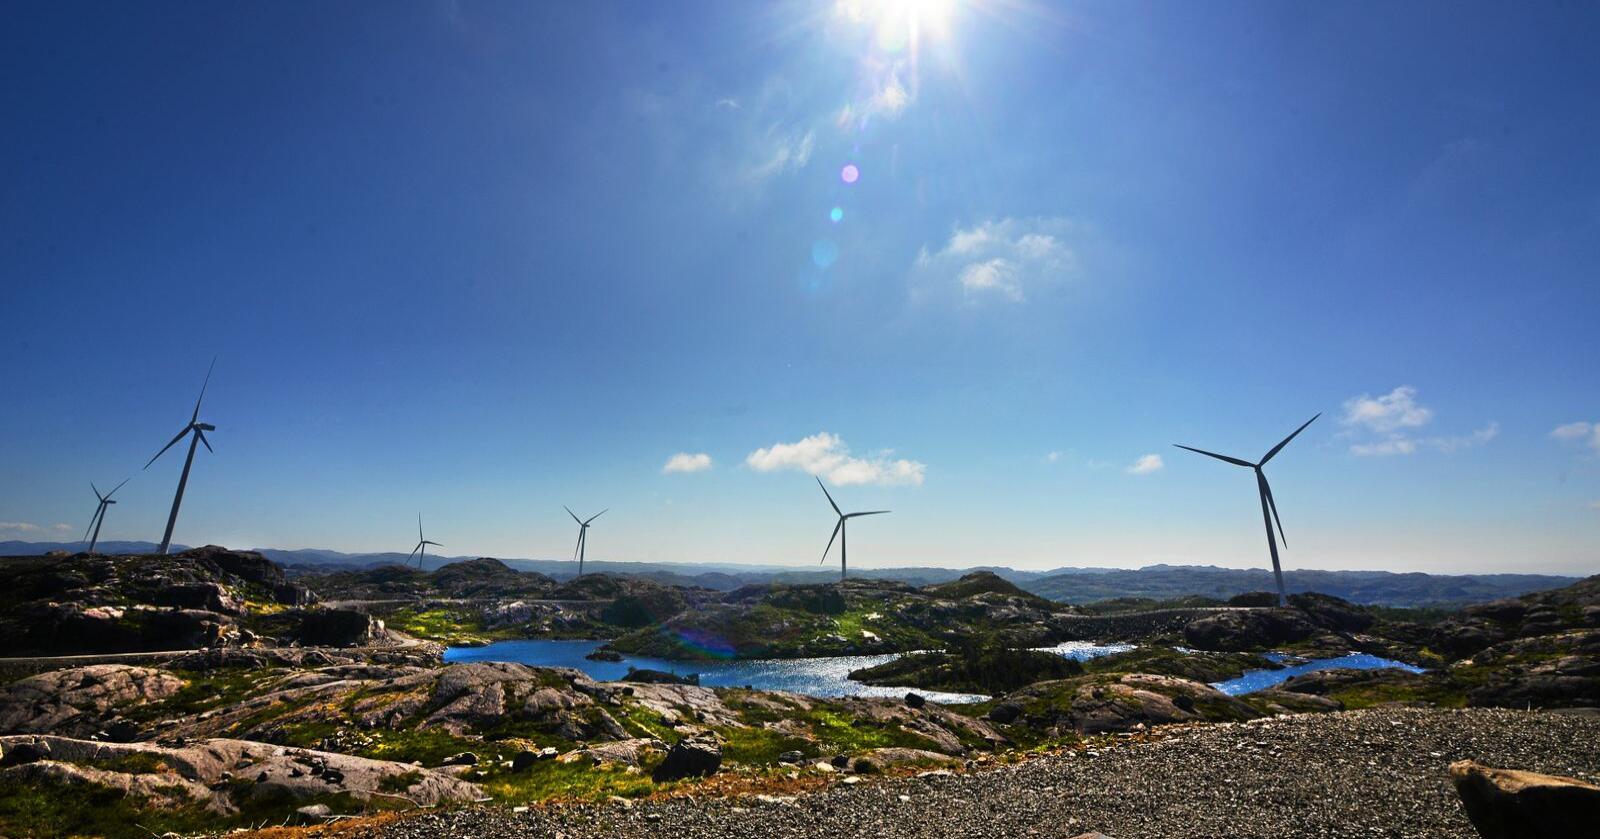 Vindkraft: Å bygge ned verdifull natur for å produsere fornybar energi er ikke et godt klimatiltak, skriver innsenderne. Foto: Siri Juell Rasmussen